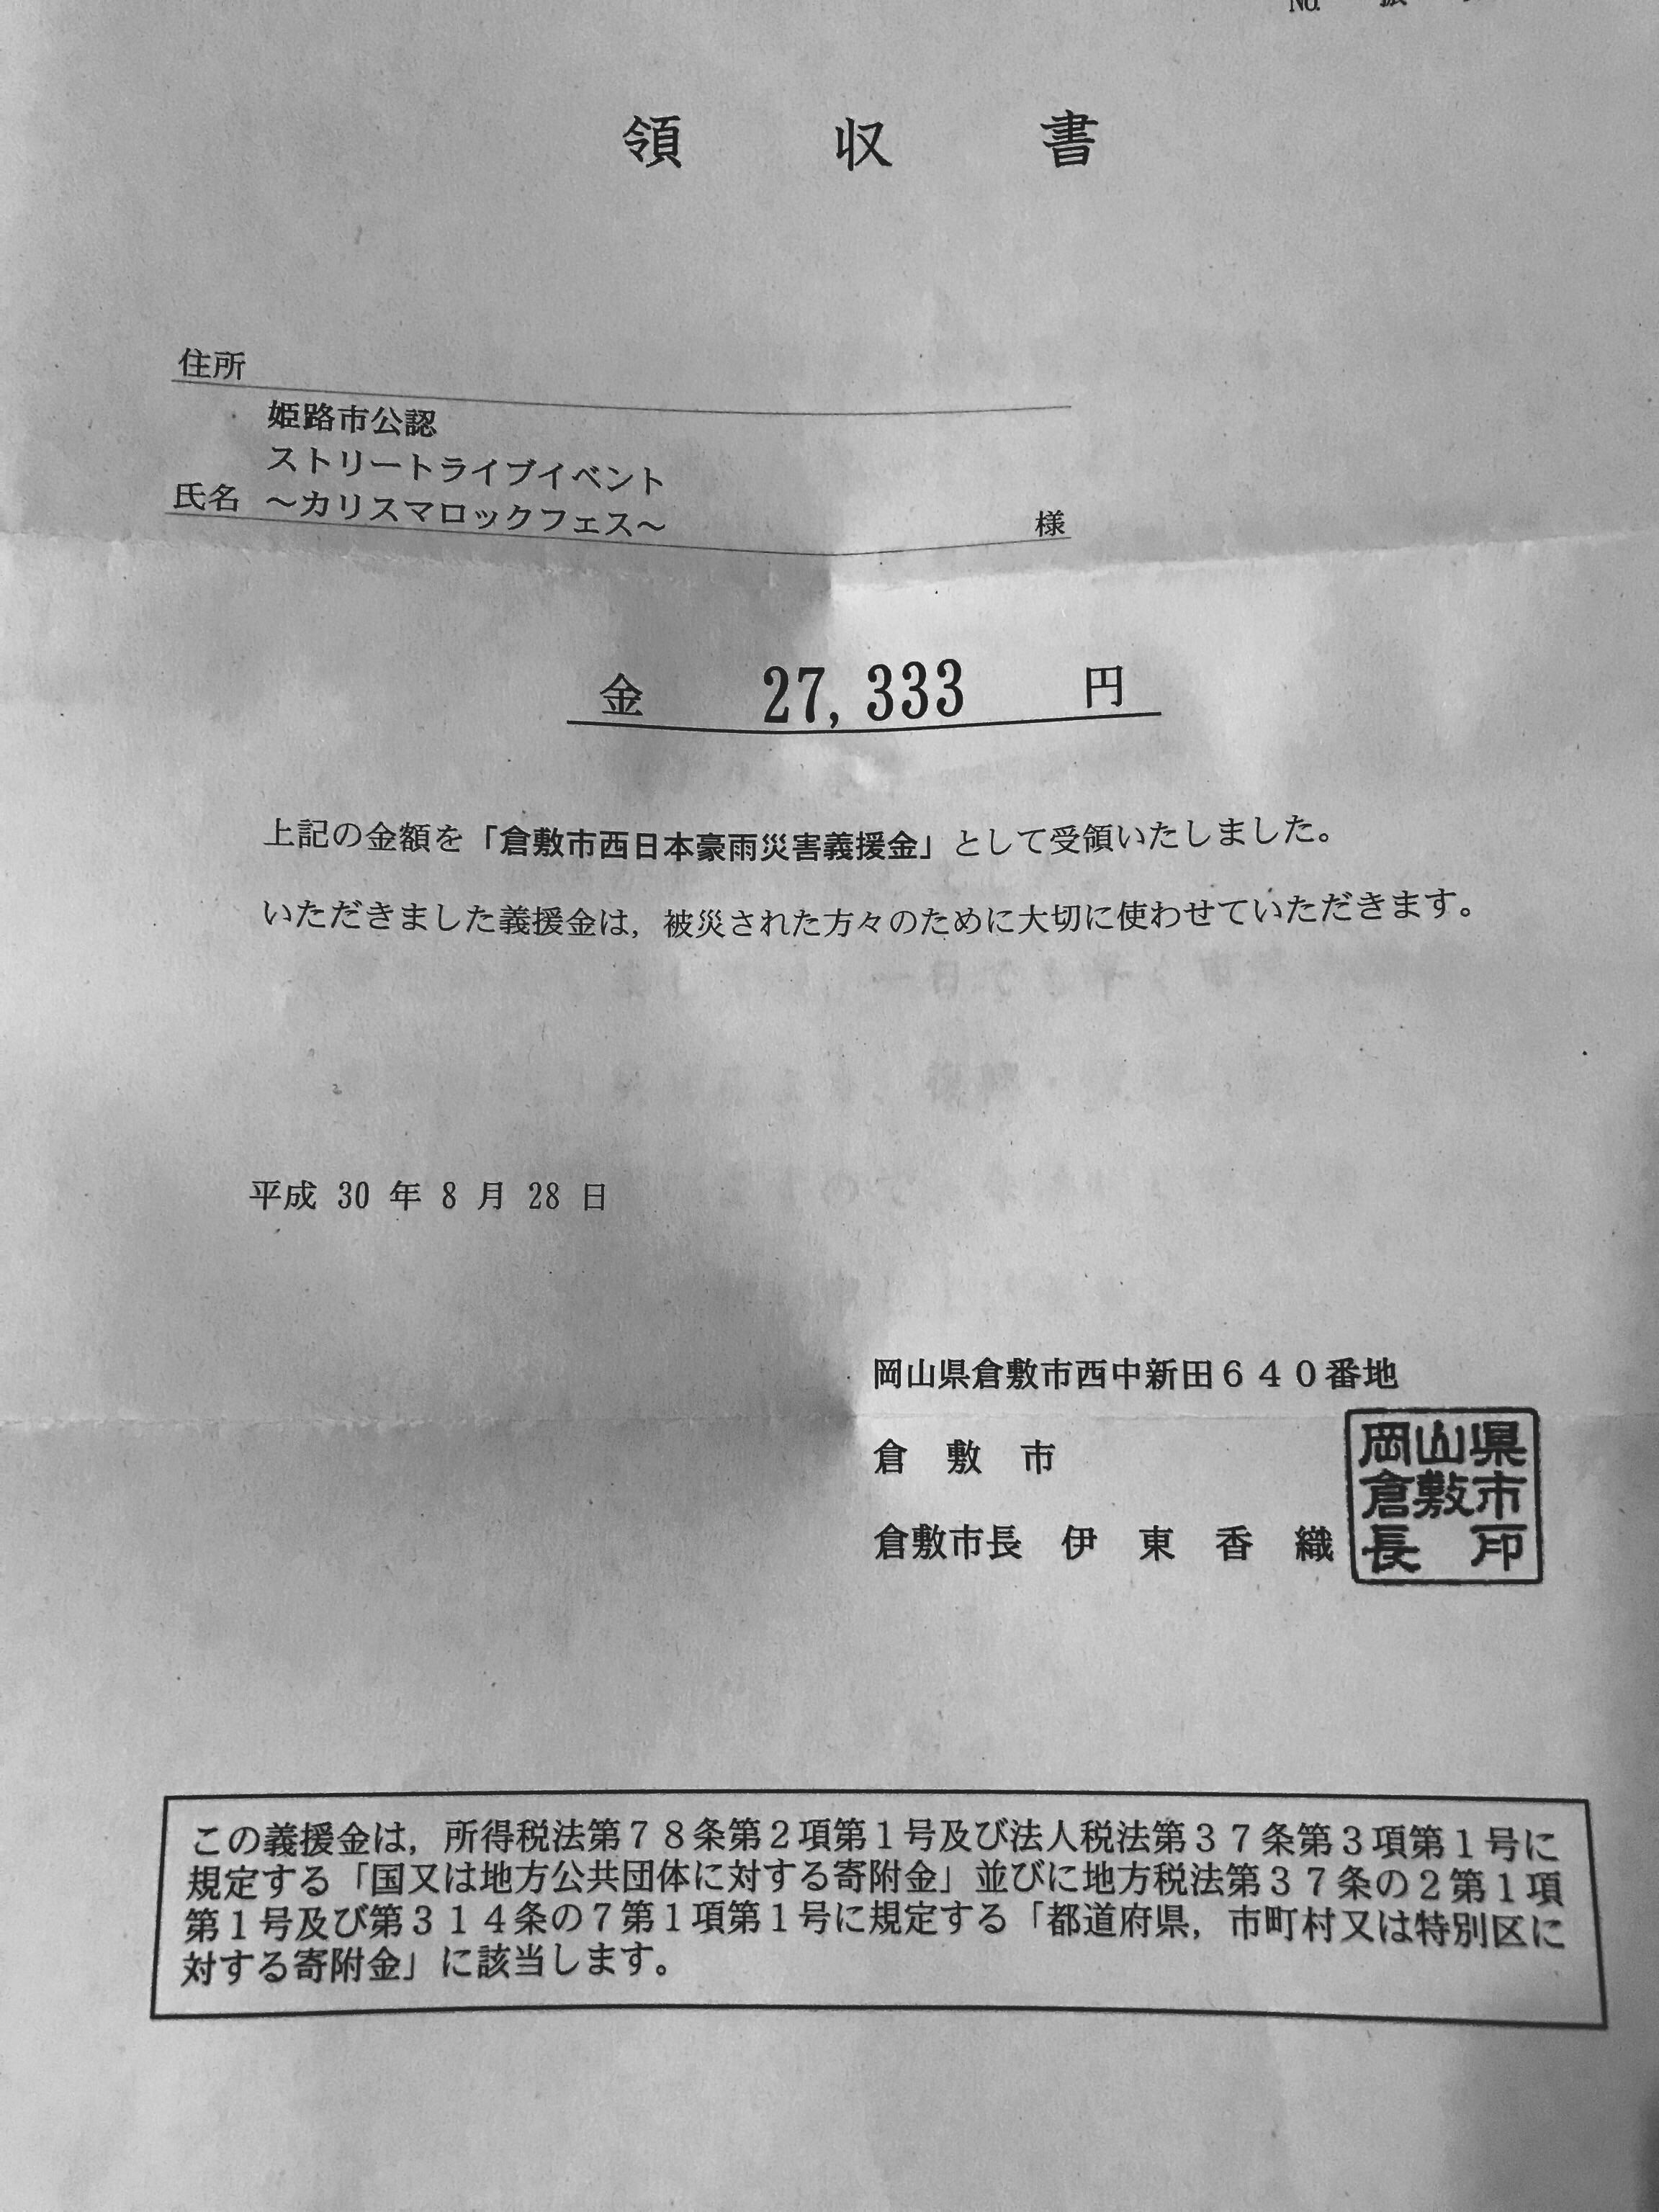 f:id:Yosuke0912:20180903205951j:image